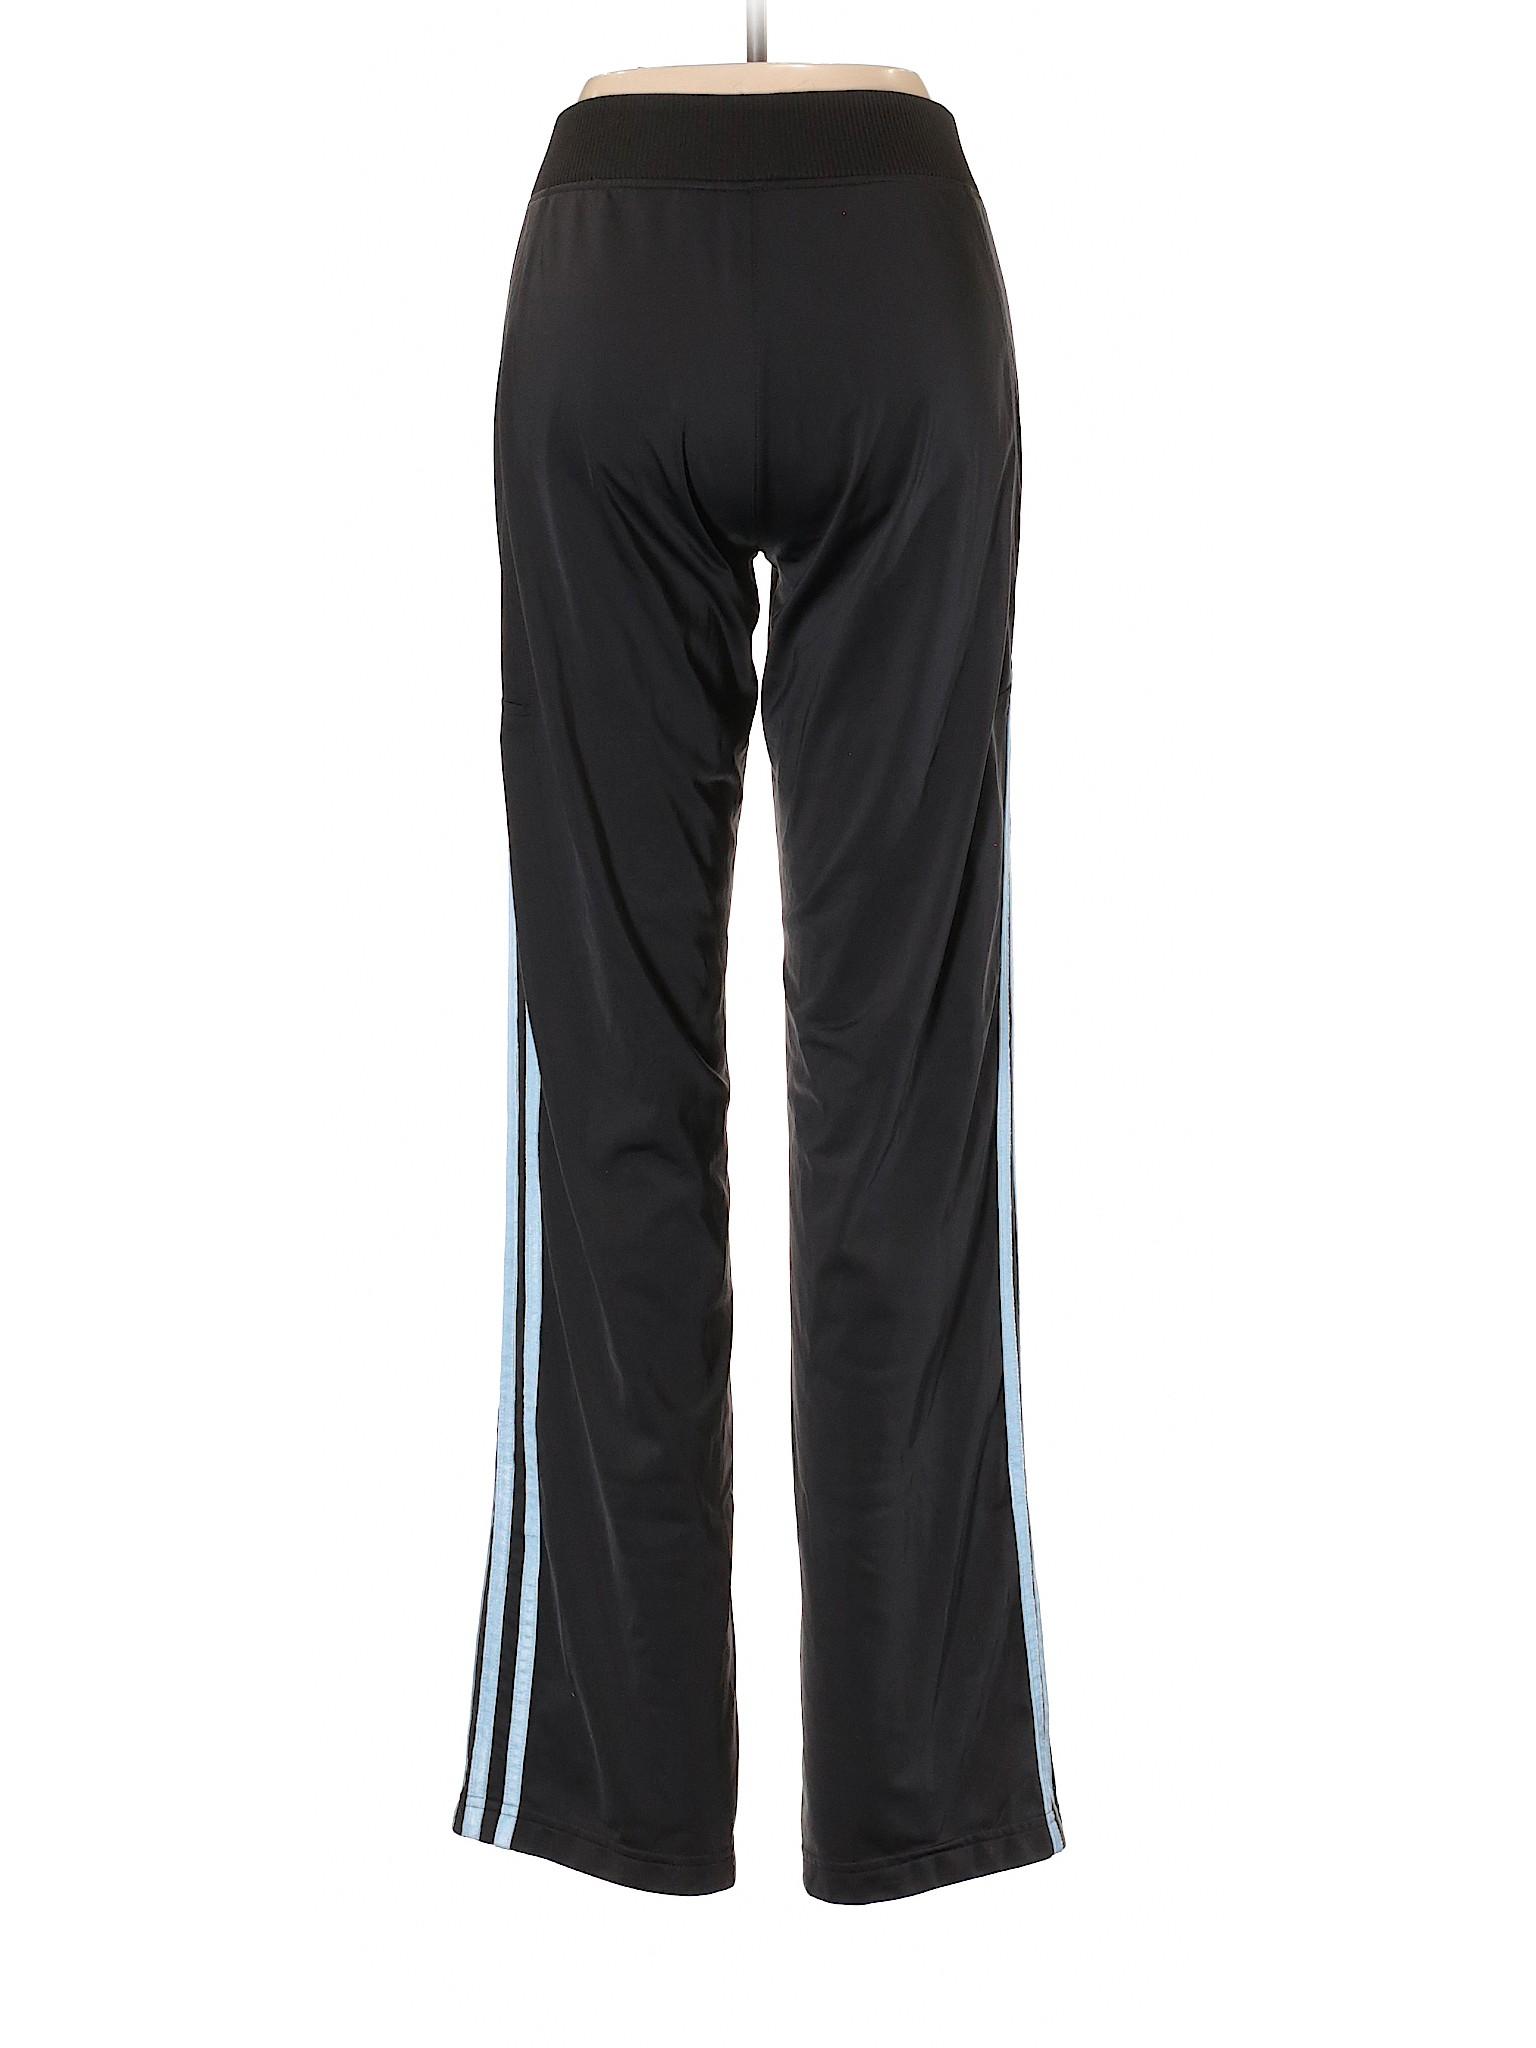 Boutique winter Boutique Pants Adidas Active winter UqpZxqwWgv